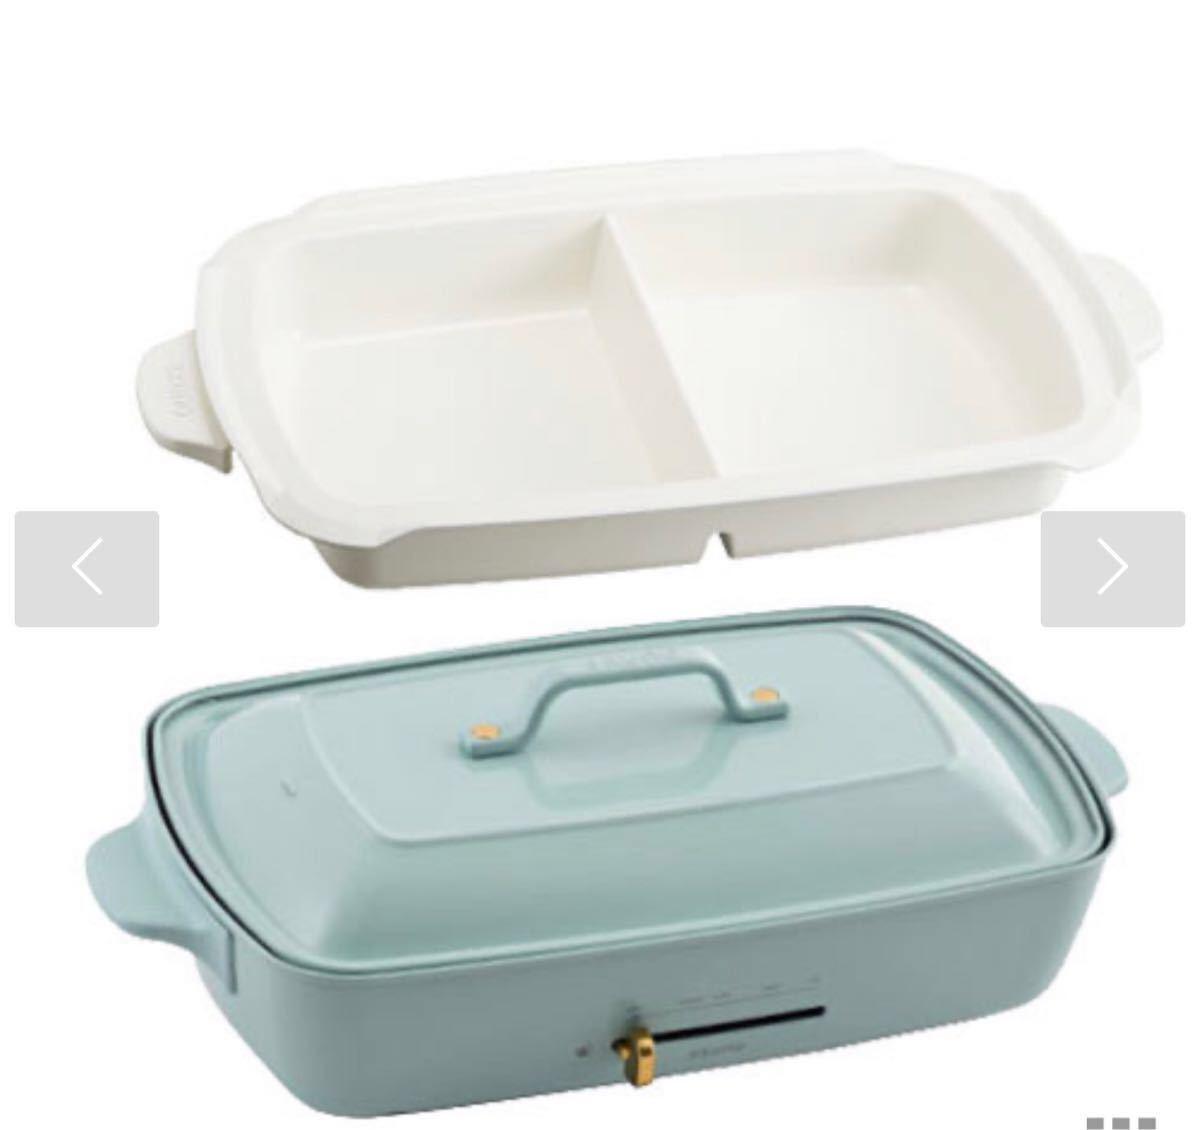 ホットプレート グランデサイズ 仕切り鍋セット 【直営店限定カラー】ブルーグレー